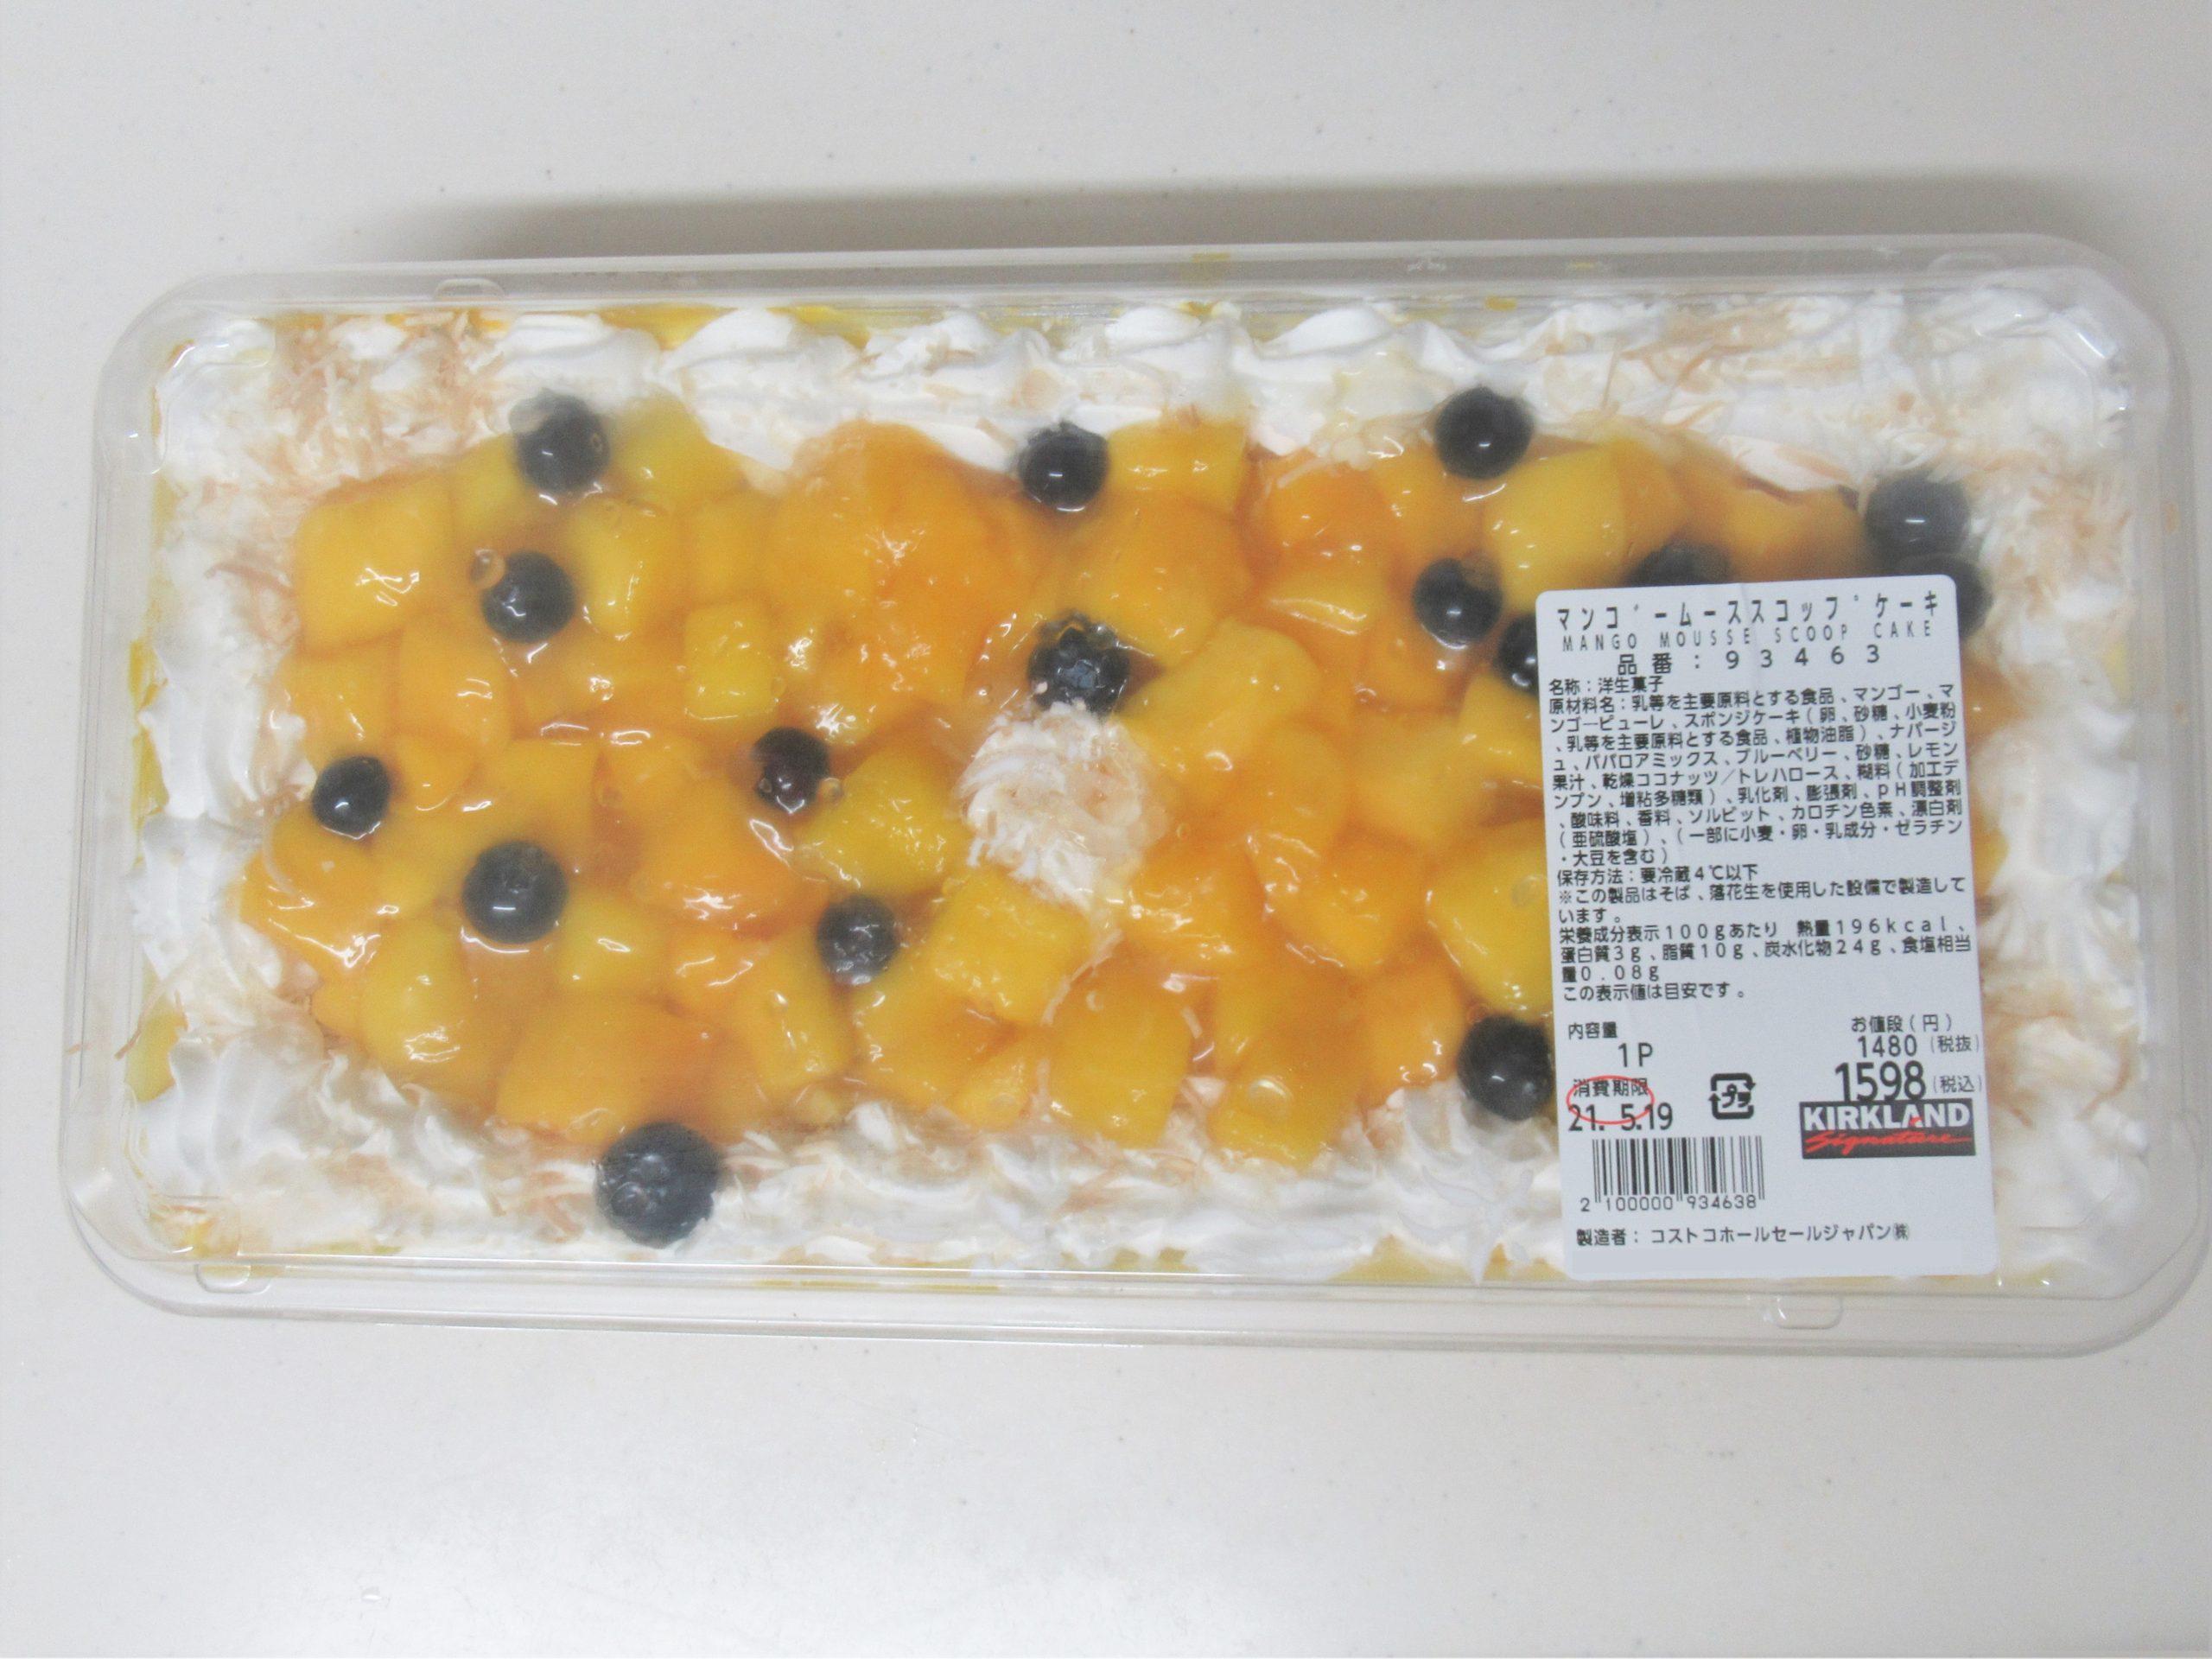 【コストコ】スコップケーキの簡単な冷凍方法!キレイに凍らせる3つのポイント!|ラク家事ブログ